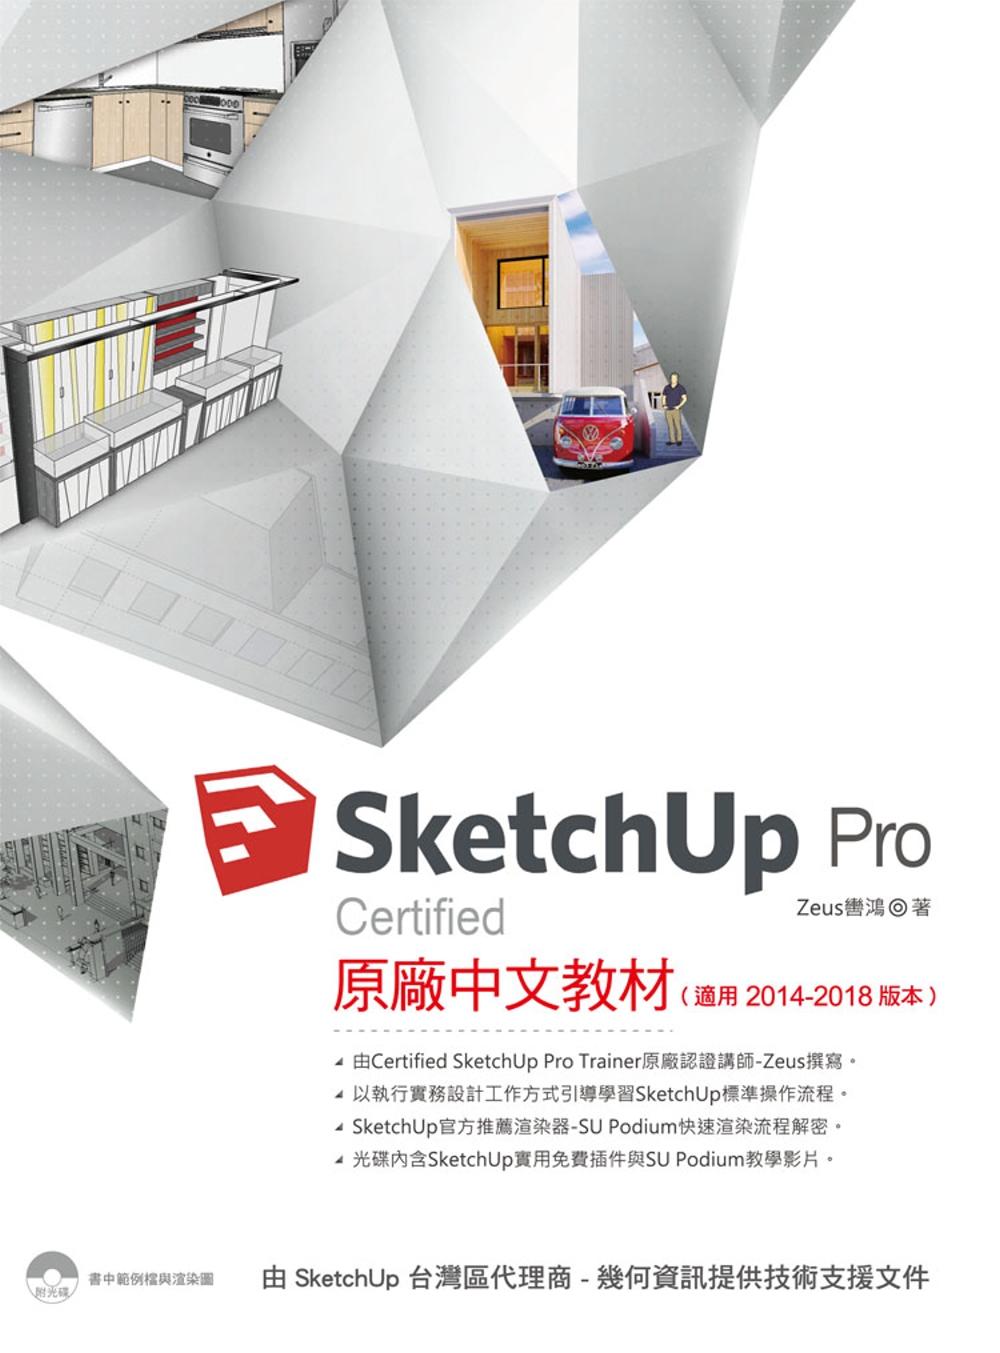 ◤博客來BOOKS◢ 暢銷書榜《推薦》SketchUp Pro Certified原廠中文教材(適用2014-2018版本)